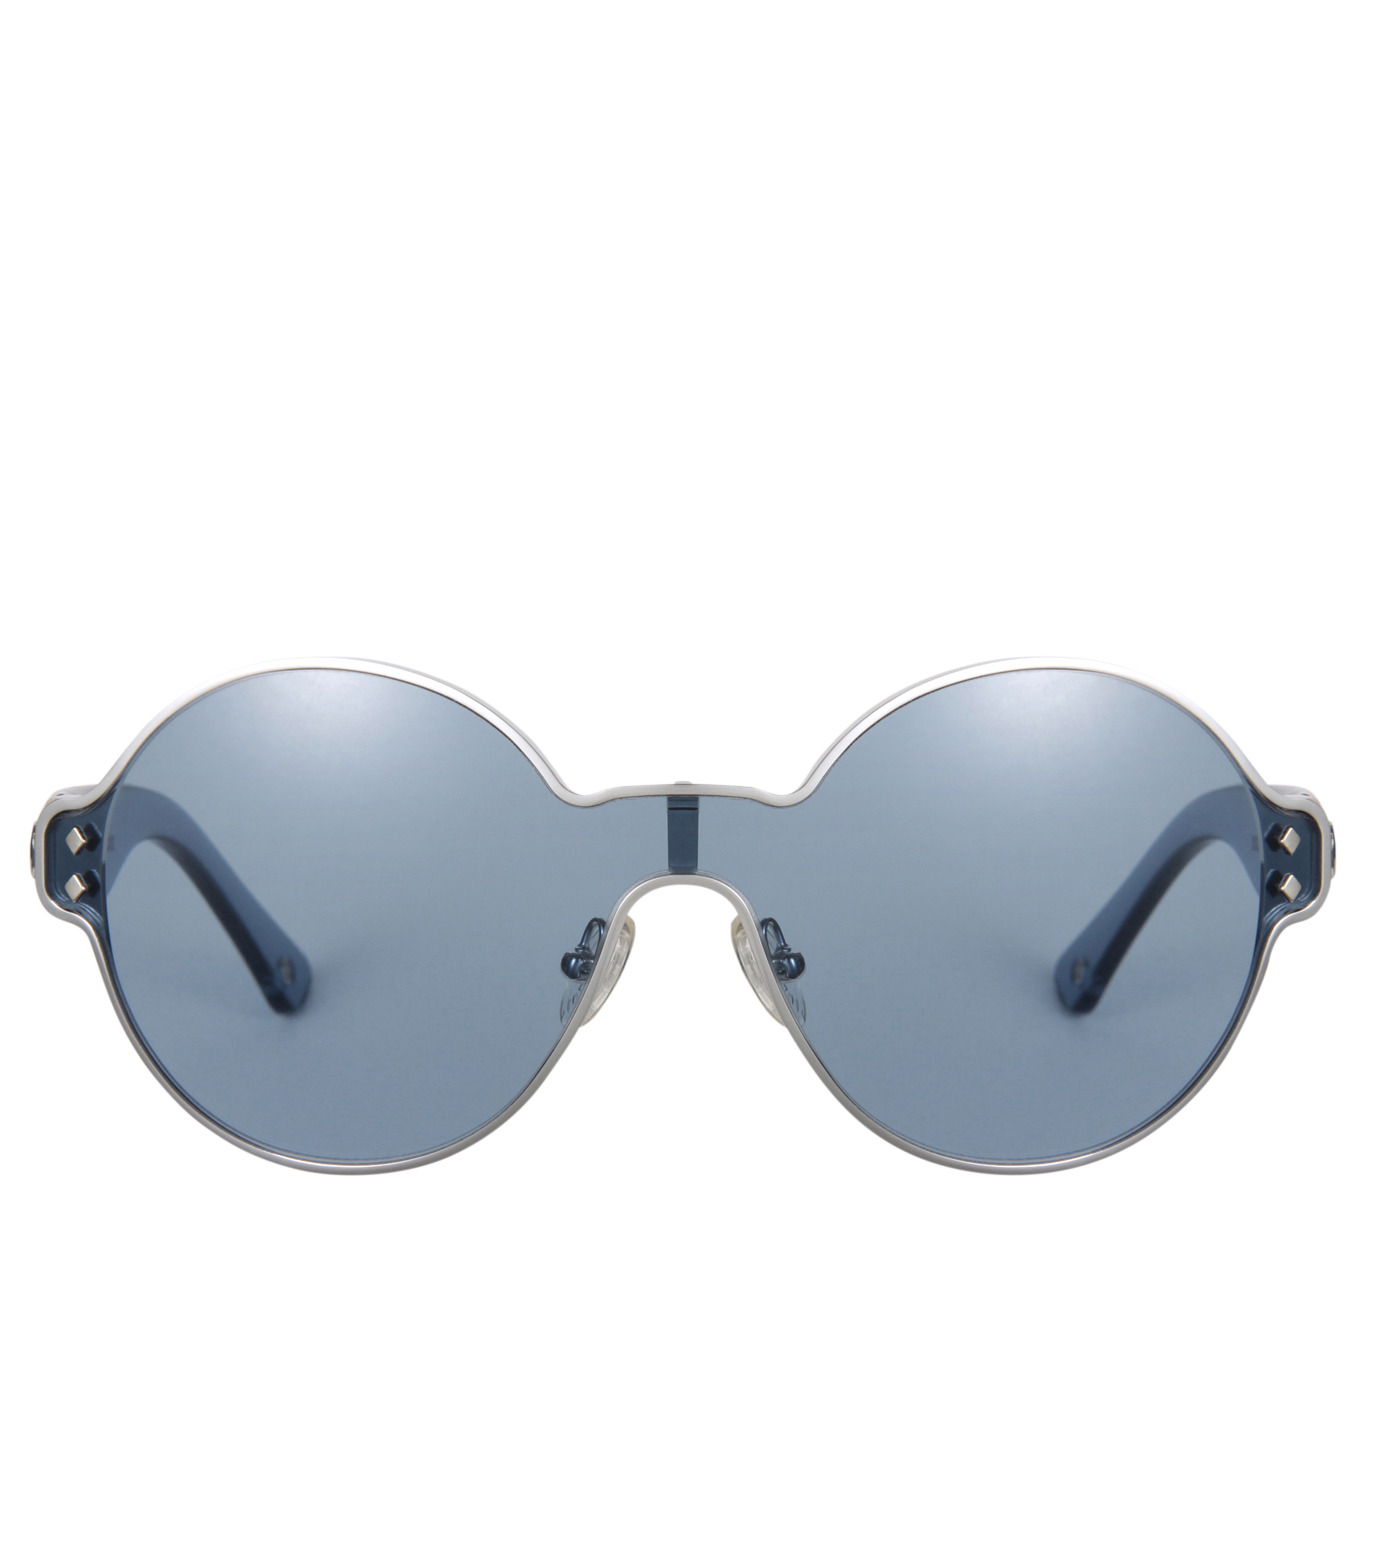 Moncler Eyewear(モンクレールアイウェア)のEYEWEAR-BLUE(アイウェア/eyewear)-MC523-92 拡大詳細画像3